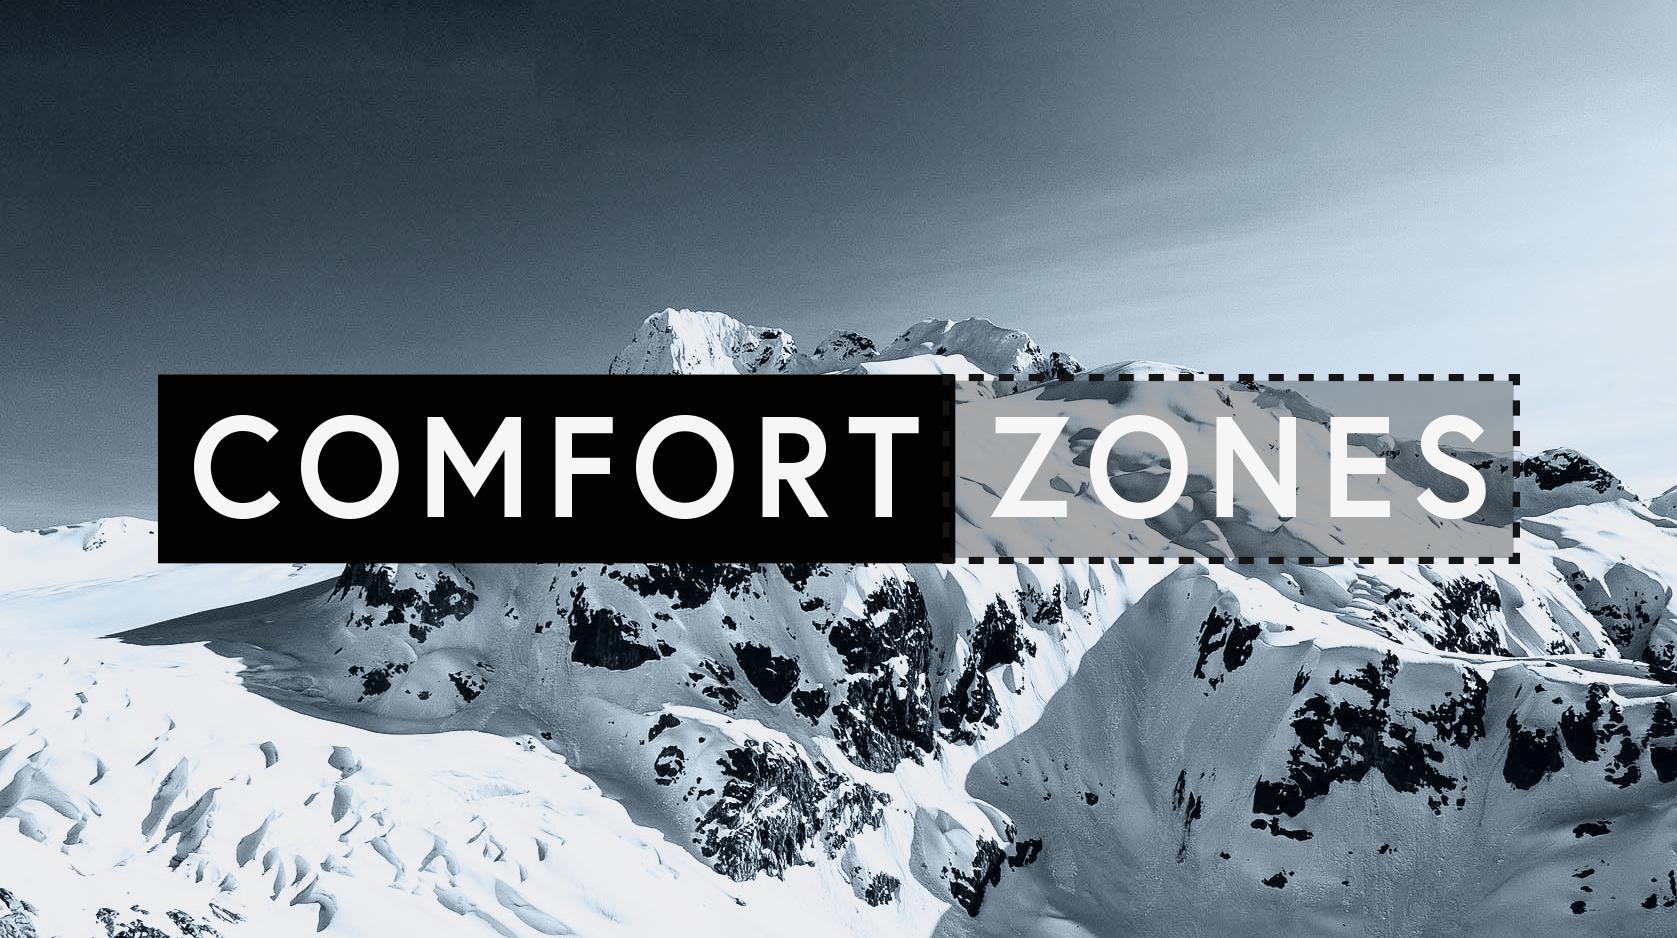 Comfortzones helbild.jpg